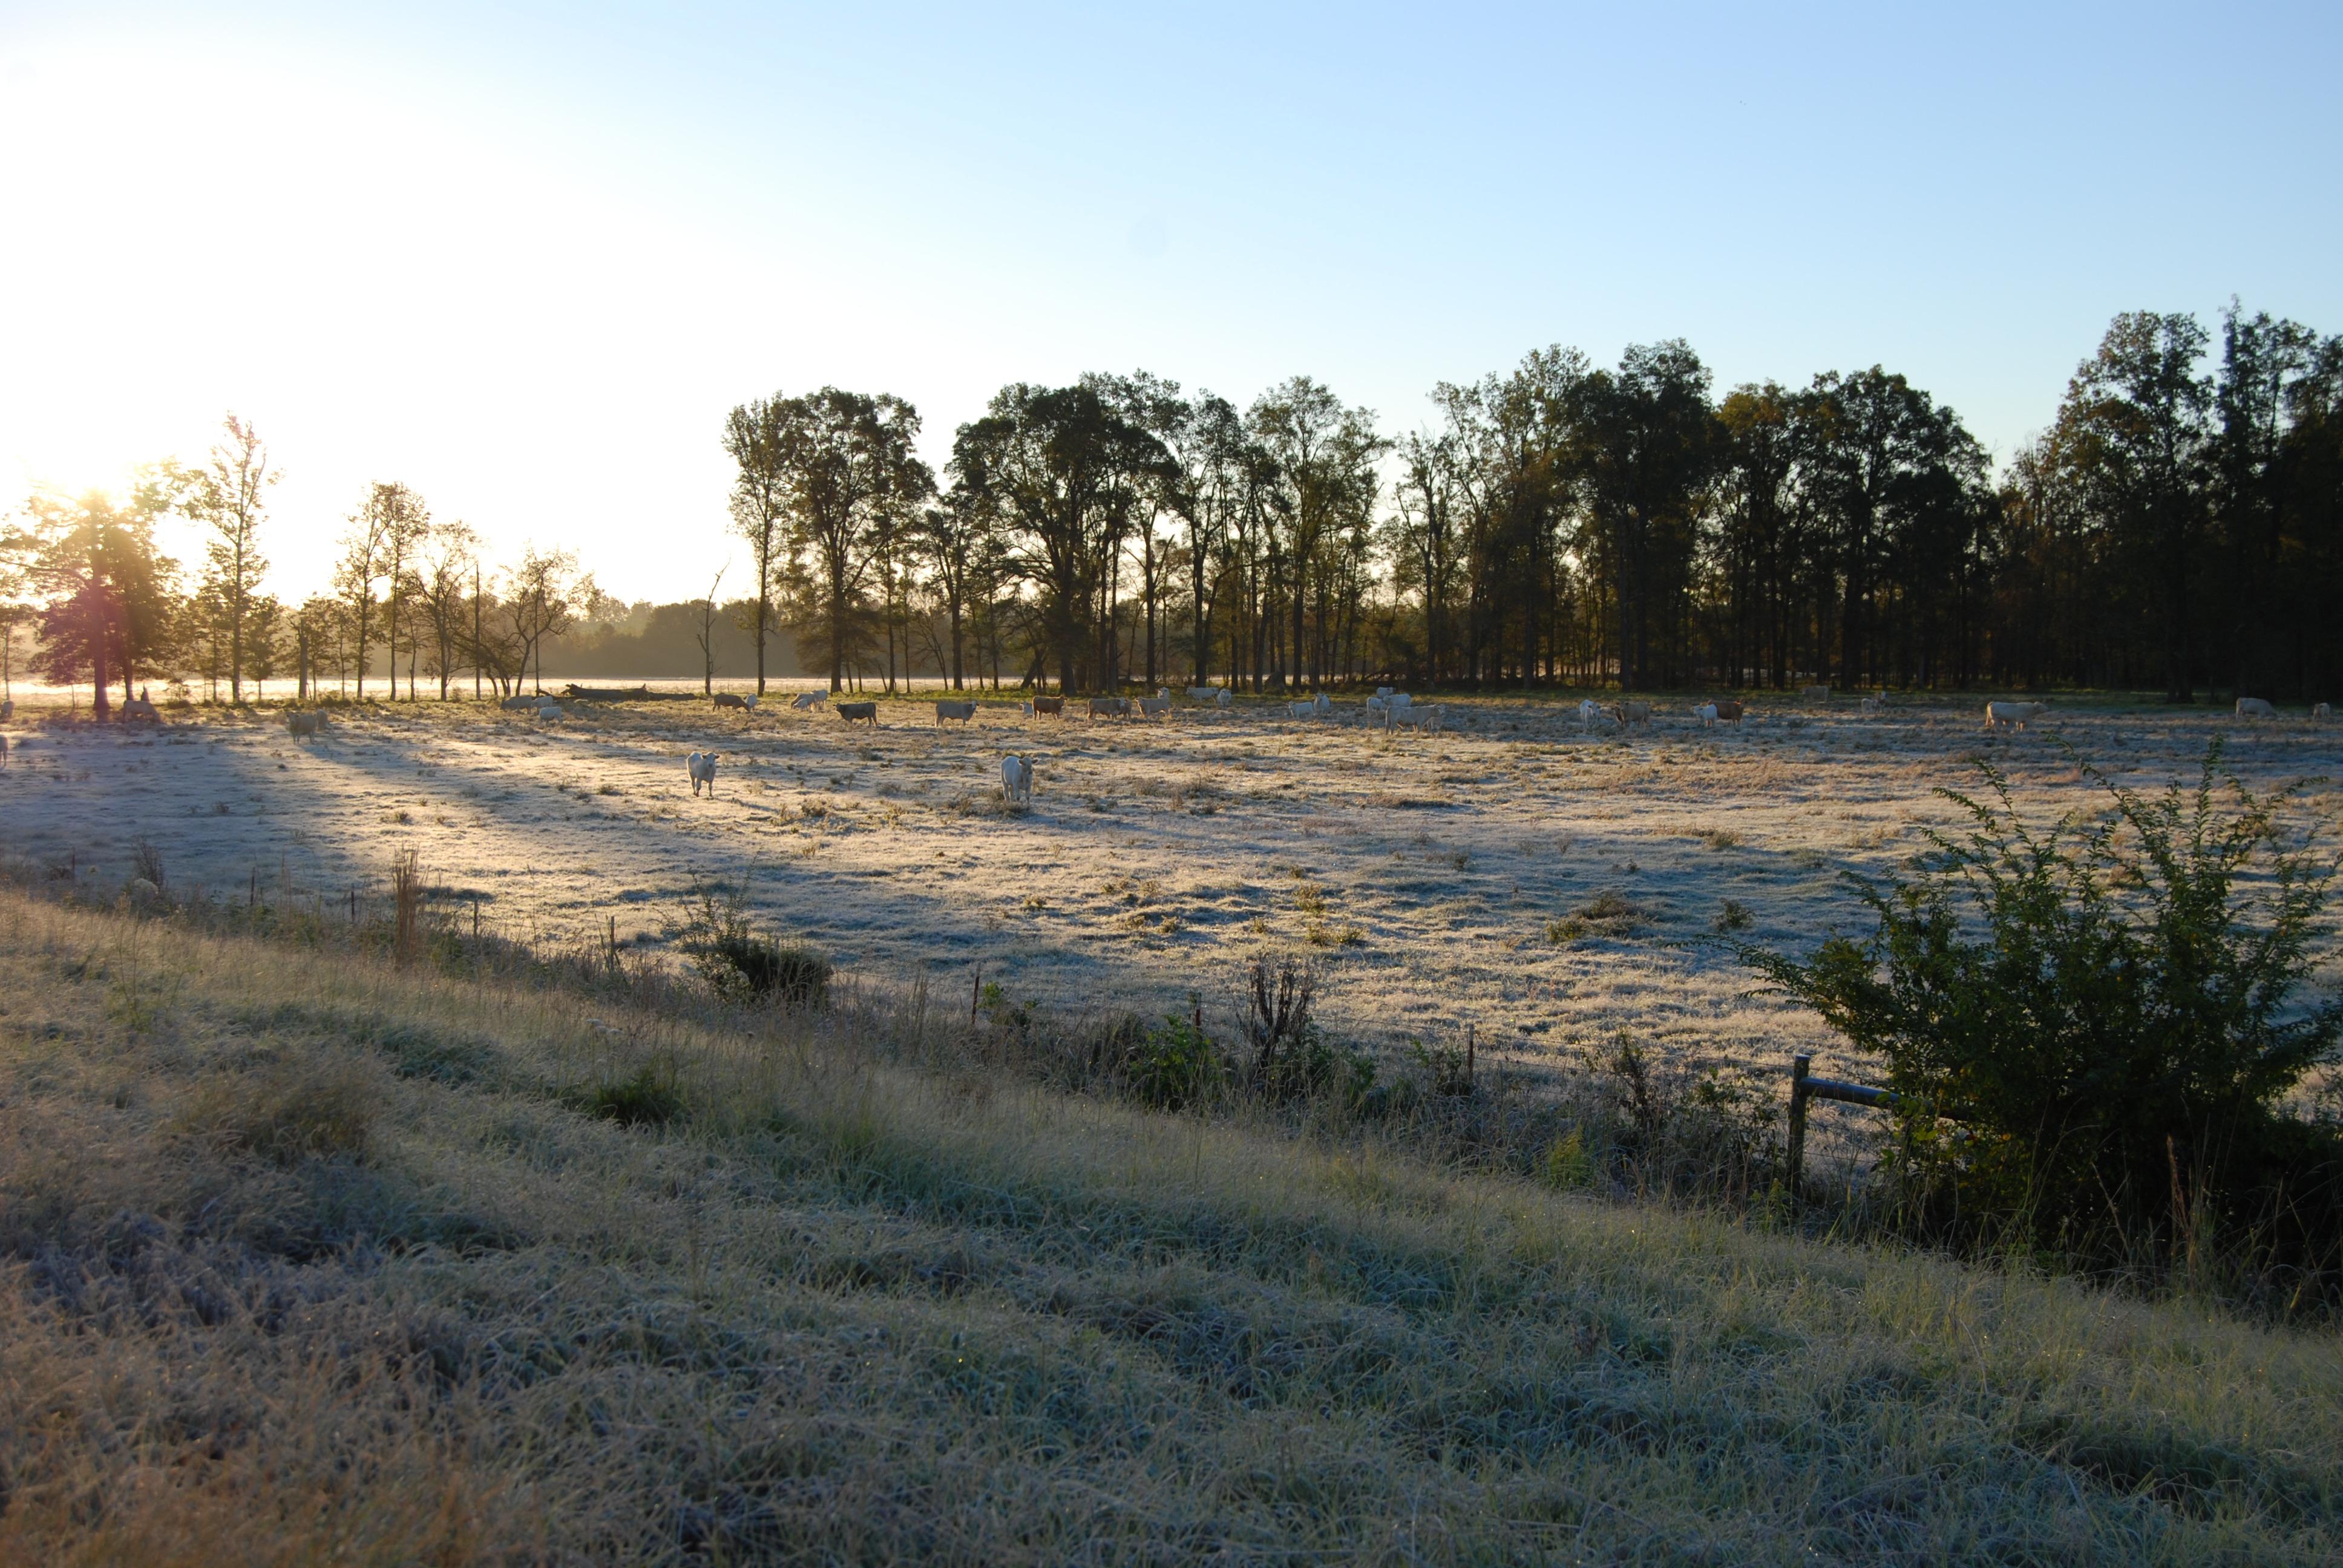 Frosty fall morning in Arkansas. Near DeQueen